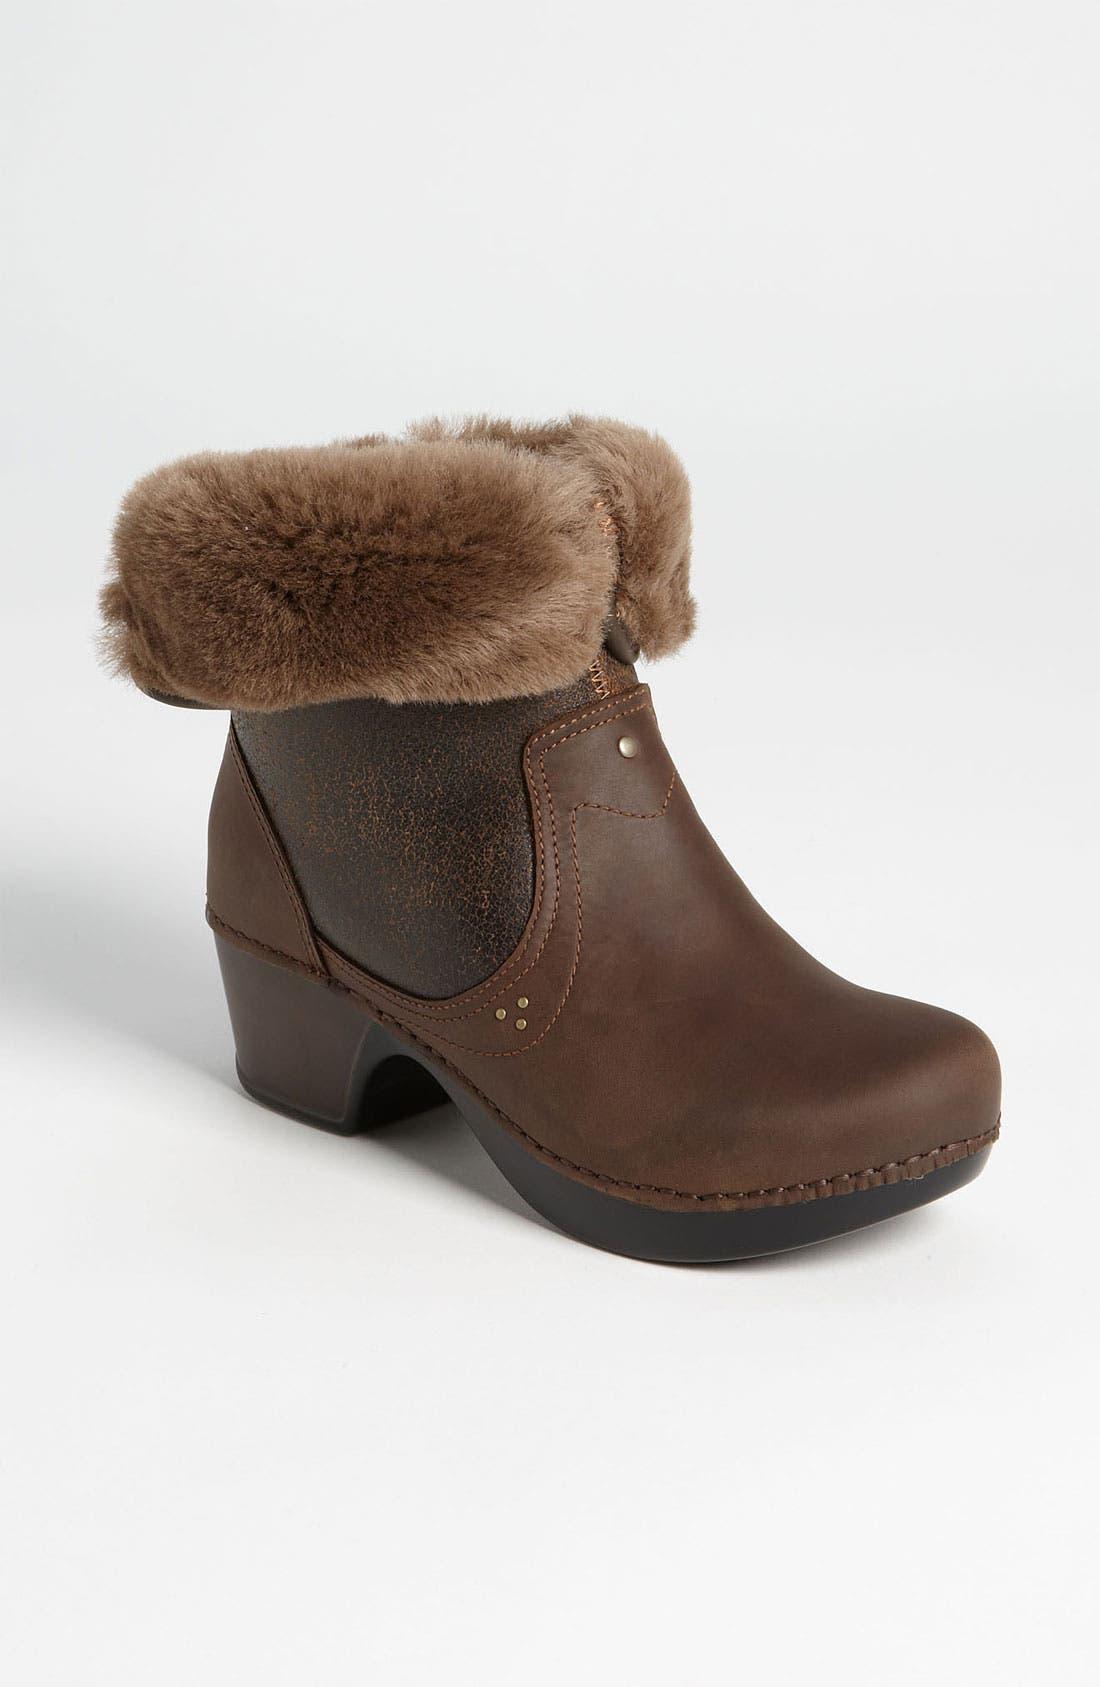 Main Image - Dansko 'Harper' Boot